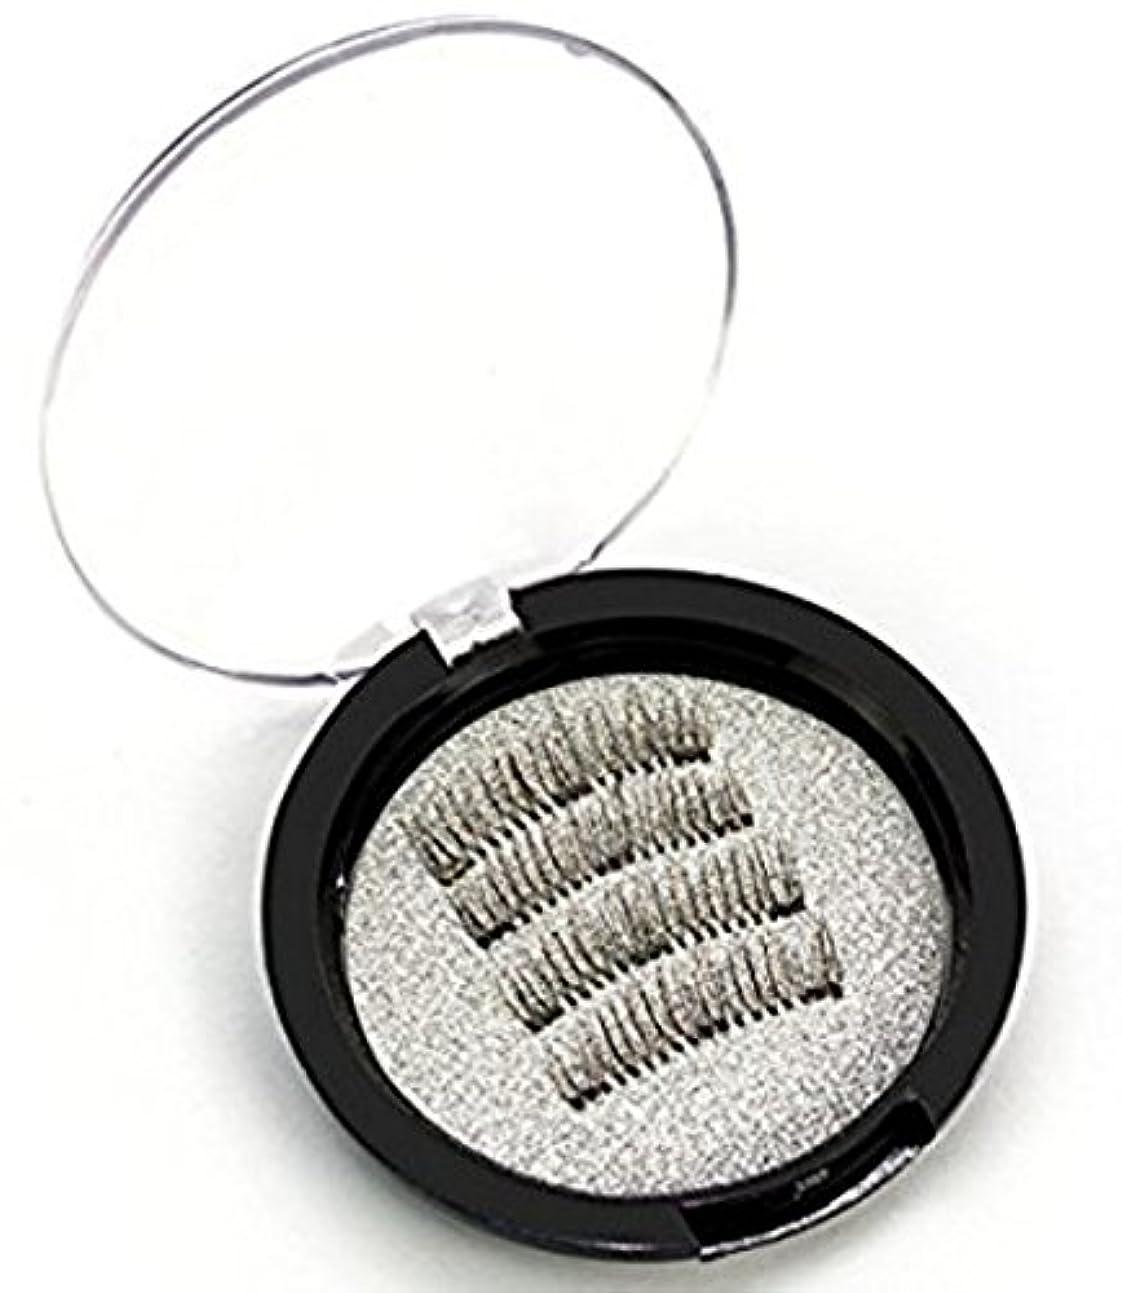 隠裂け目目の前の磁気つけまつげ 4枚入り 3D マグネット のり不要 装着簡単2ペアセット